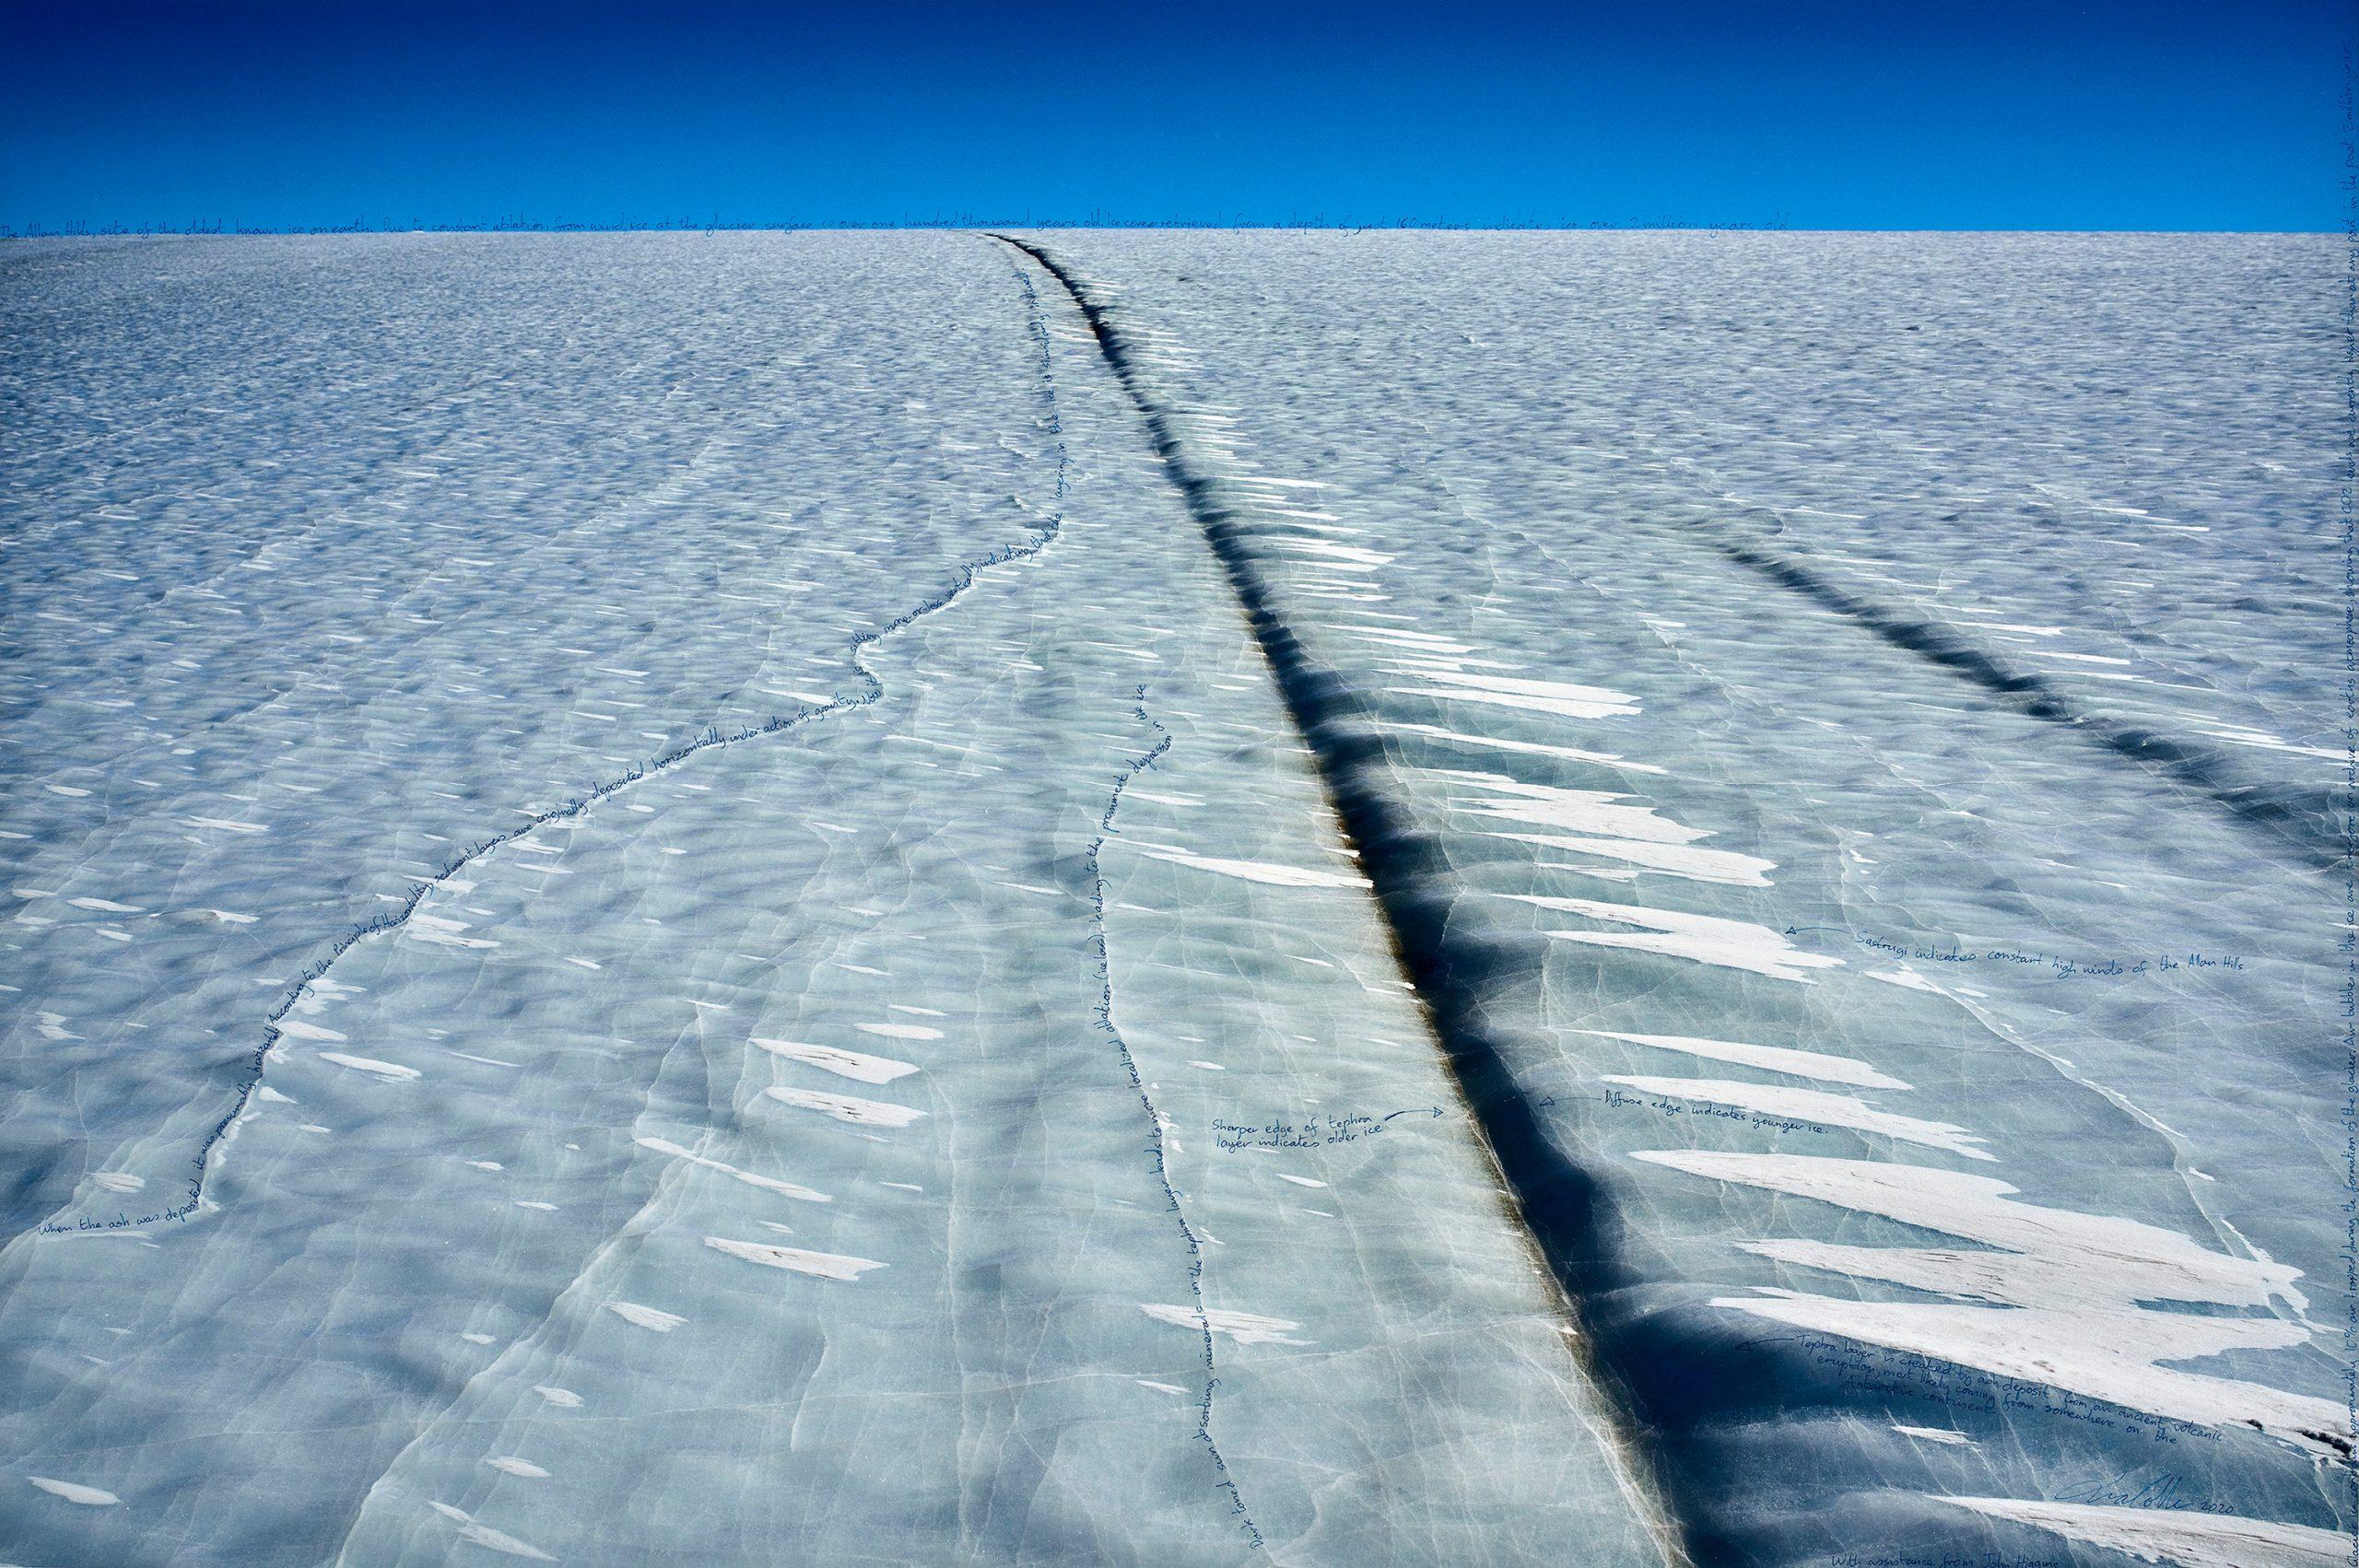 写真家と科学者が協働:写真で見る、気候変動の凄まじさ